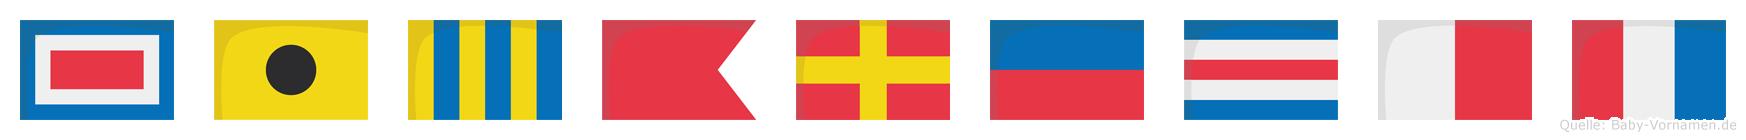 Wigbrecht im Flaggenalphabet